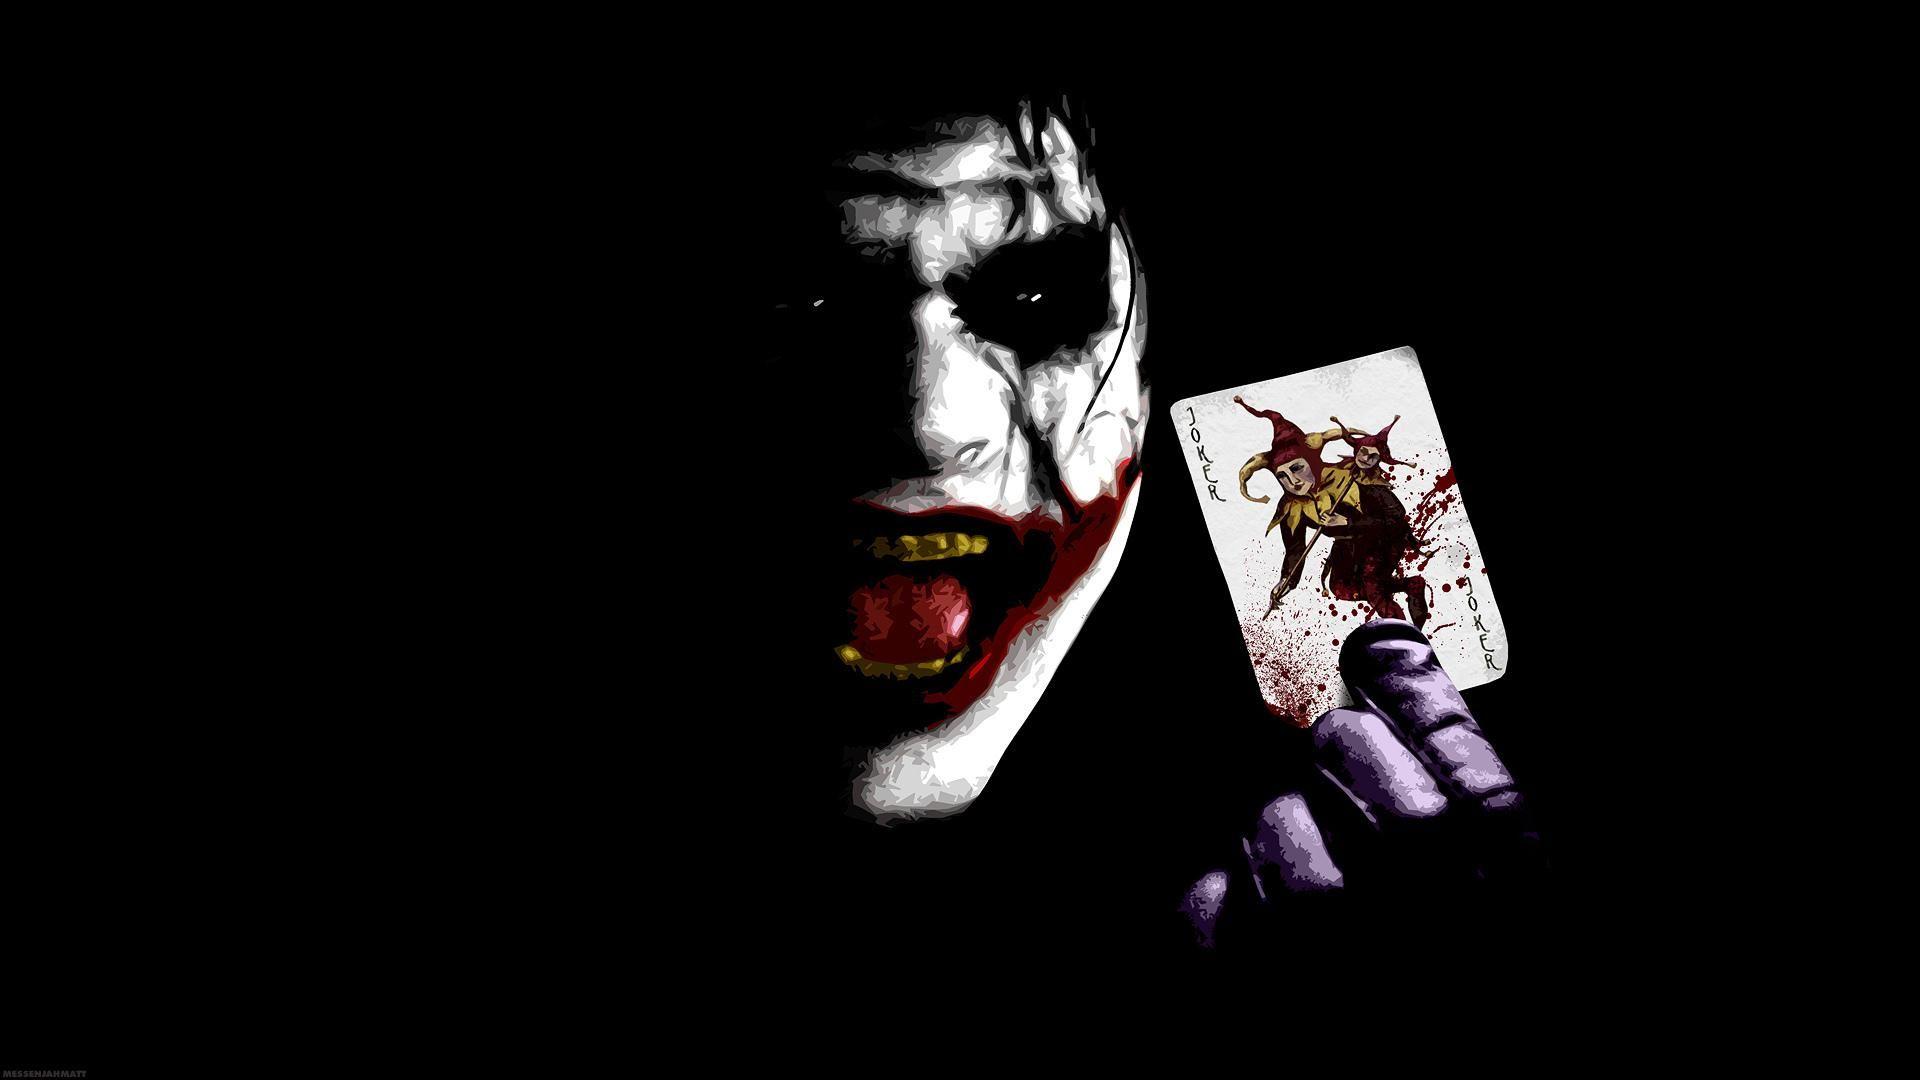 Joker Wallpapers Widescreen Wallpaper